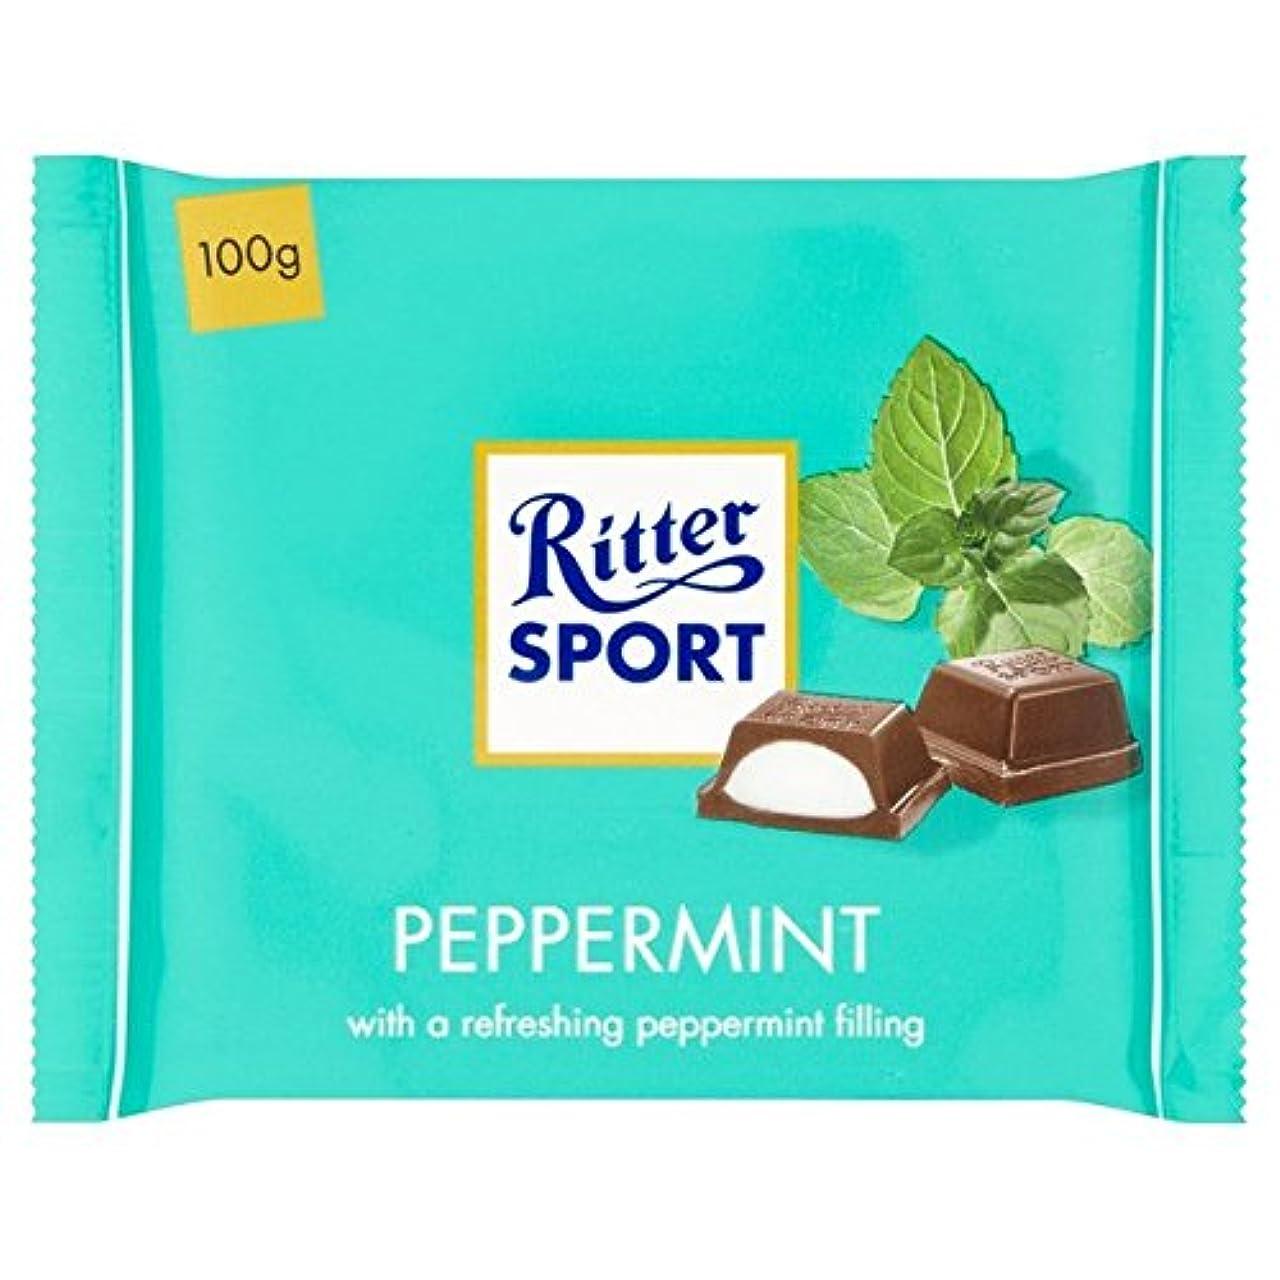 玉持参ミニチュアリッタースポーツのペパーミントダークチョコレート100グラム - Ritter Sport Peppermint Dark Chocolate 100g [並行輸入品]